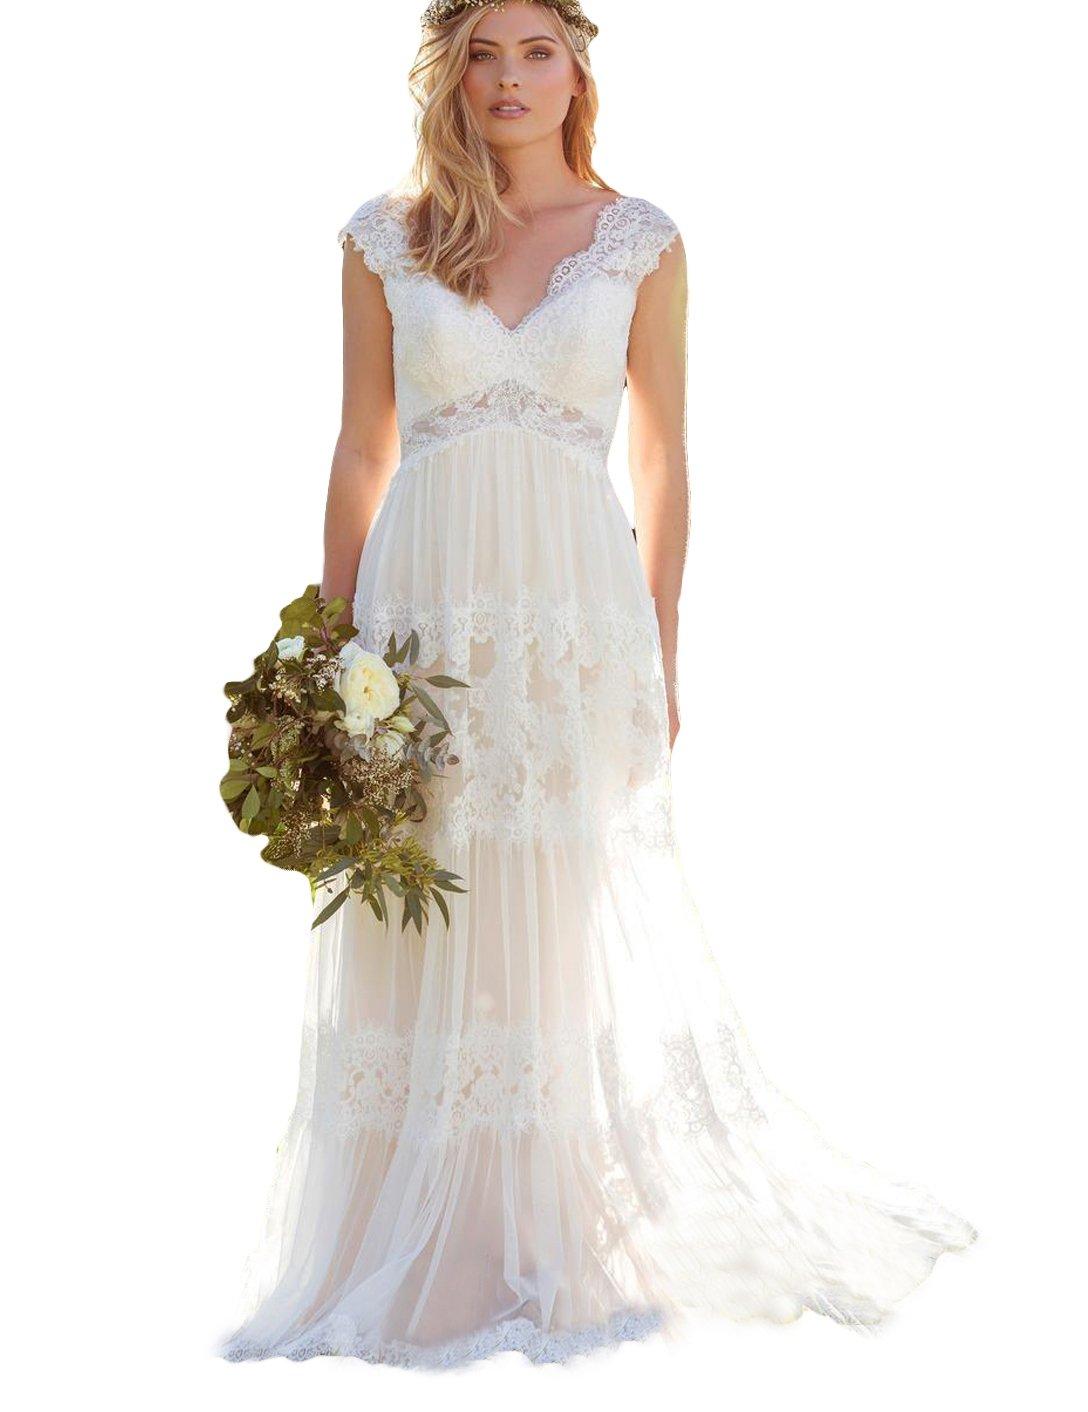 Dressesonline Bohemian Wedding Dresses Lace Bridal Gowns Backless Vestido De Noivas 6